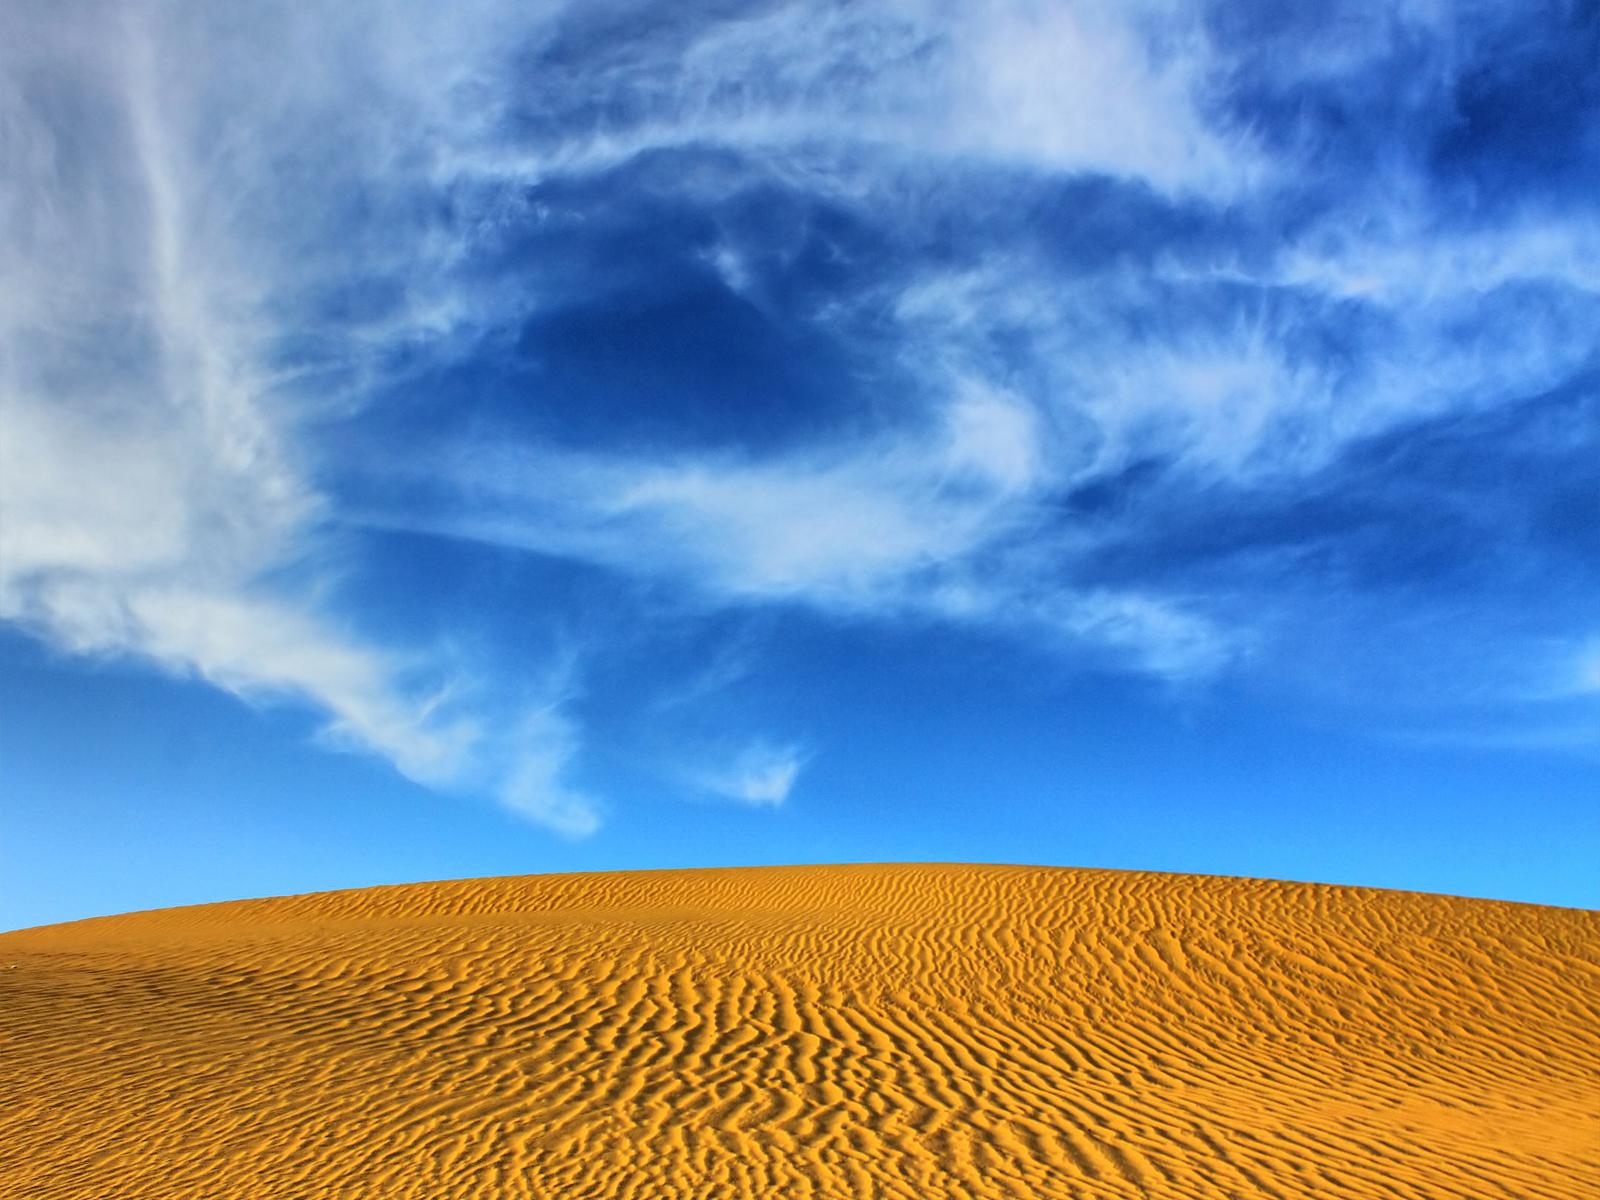 Desert Sky Desktop - Mzna Al khaled Photography